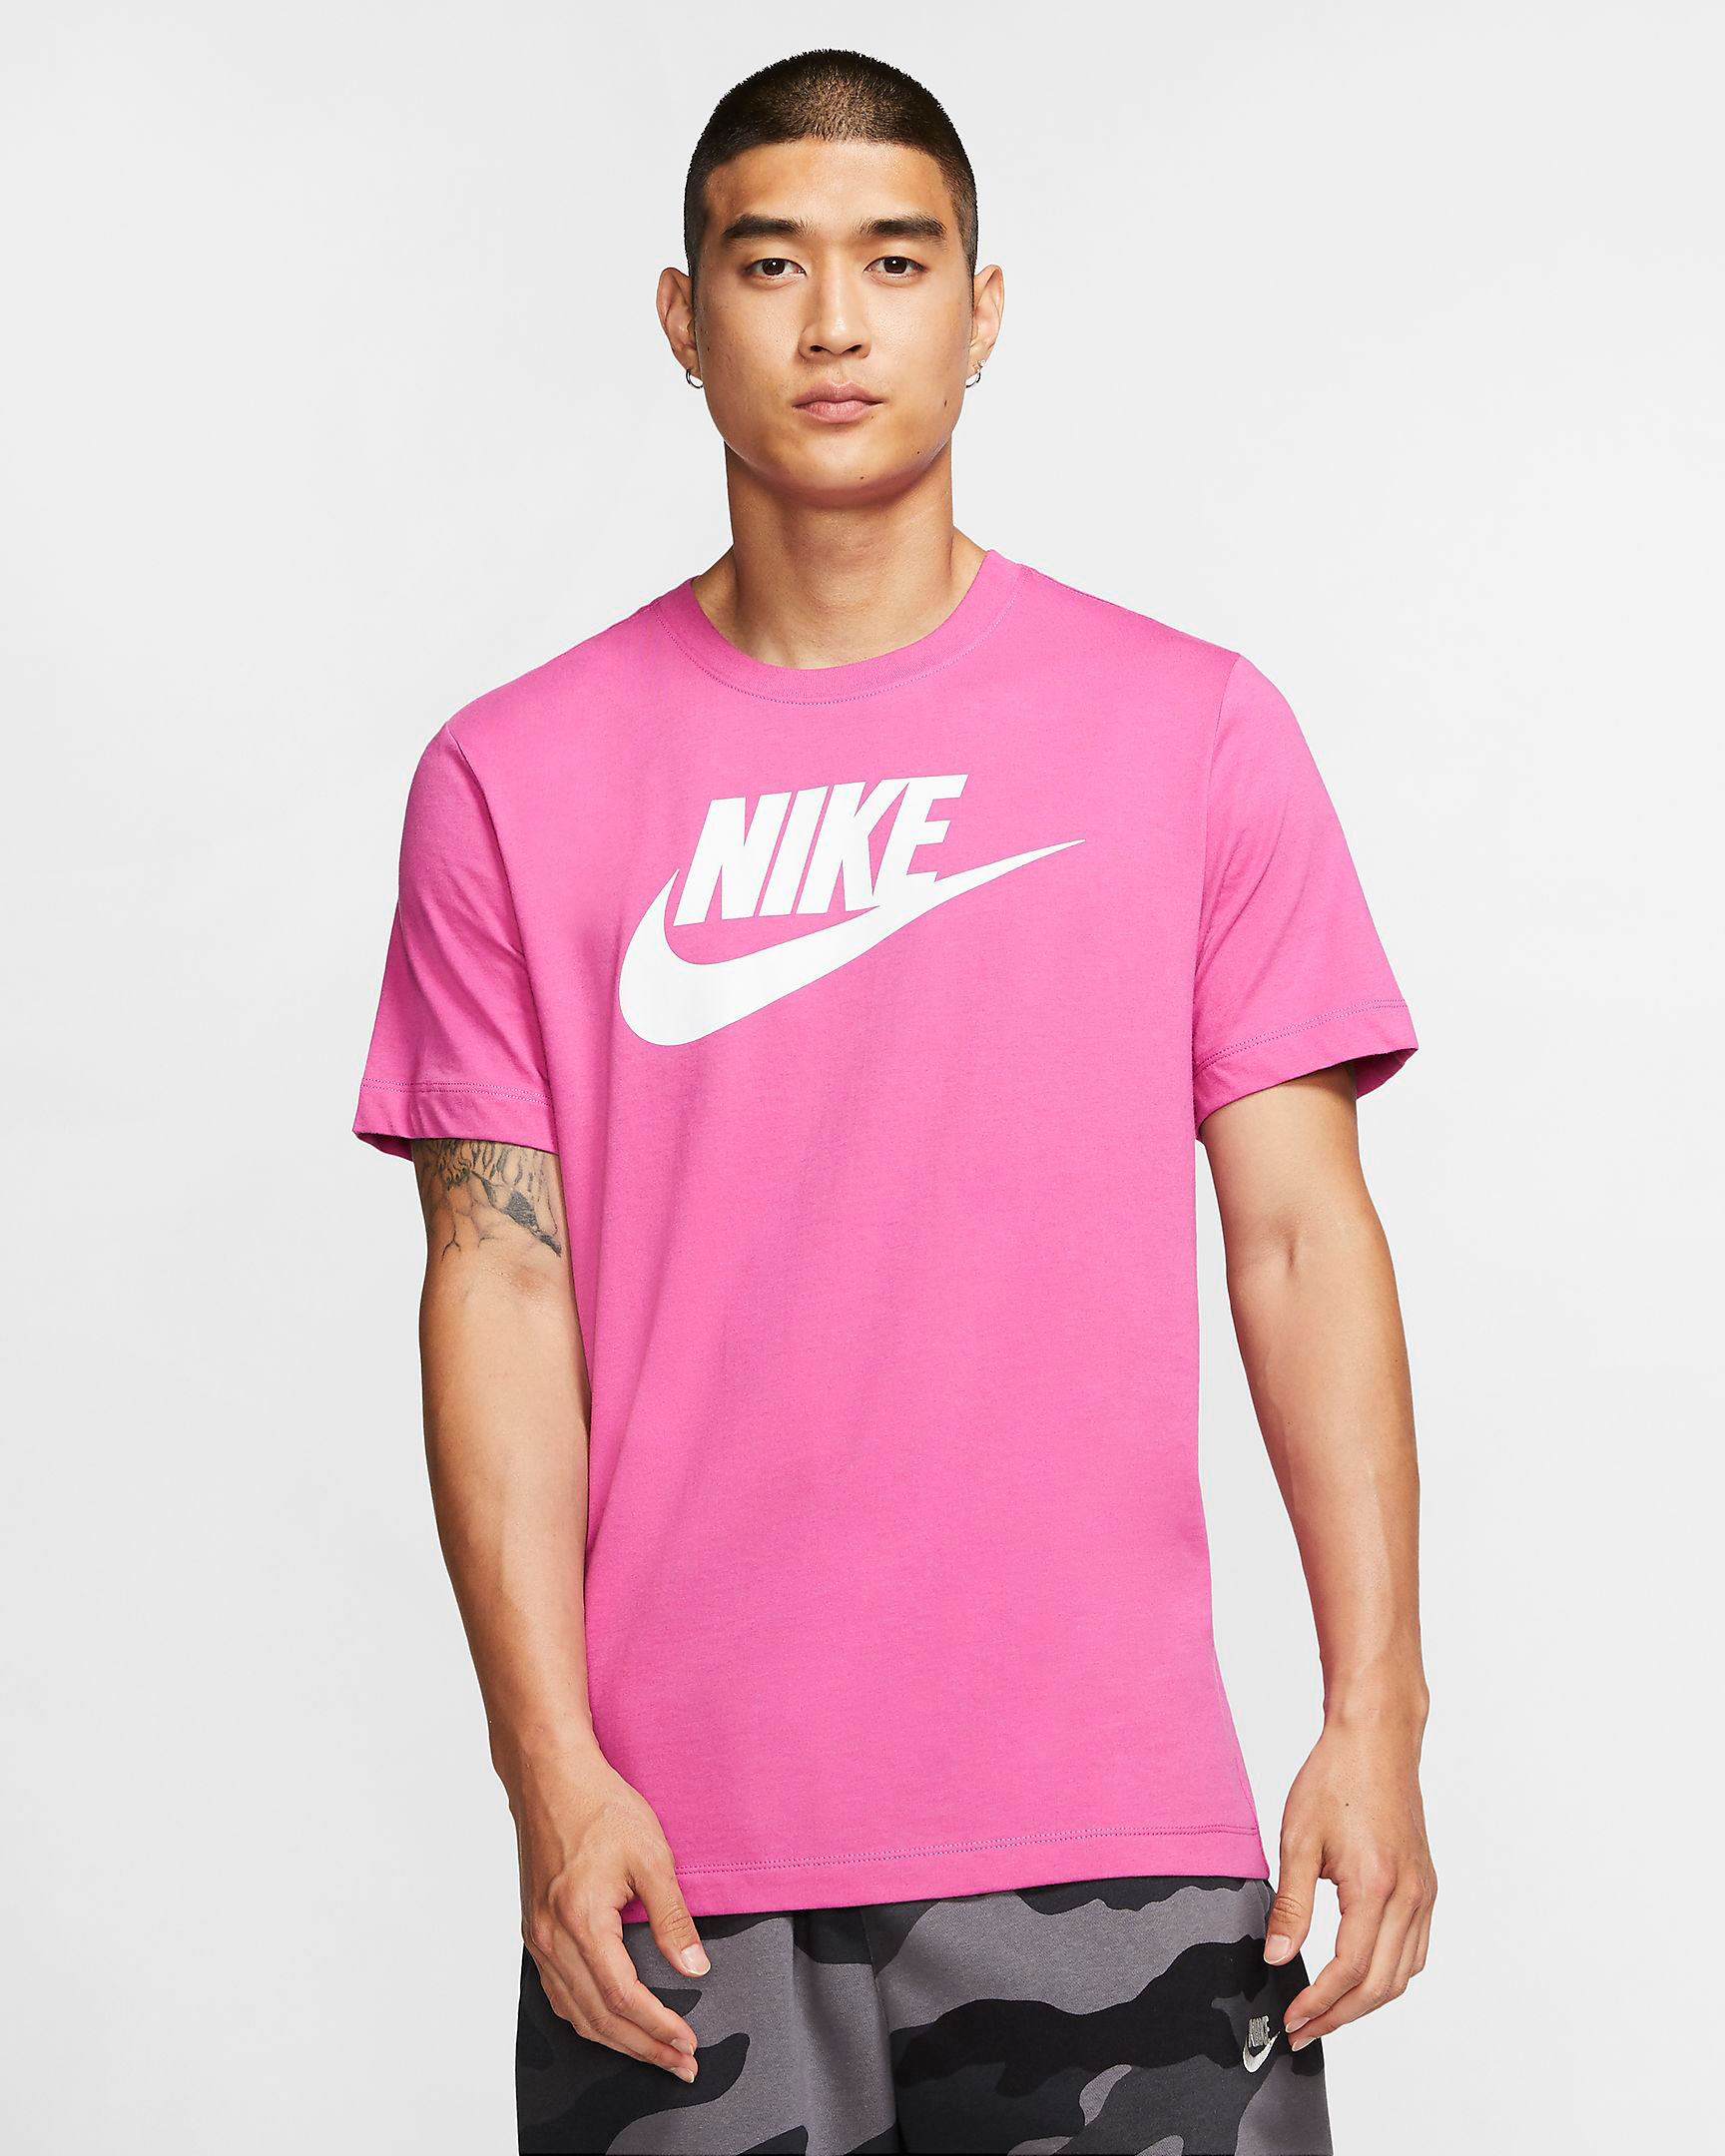 nike-sportswear-logo-shirt-pink-fuschia